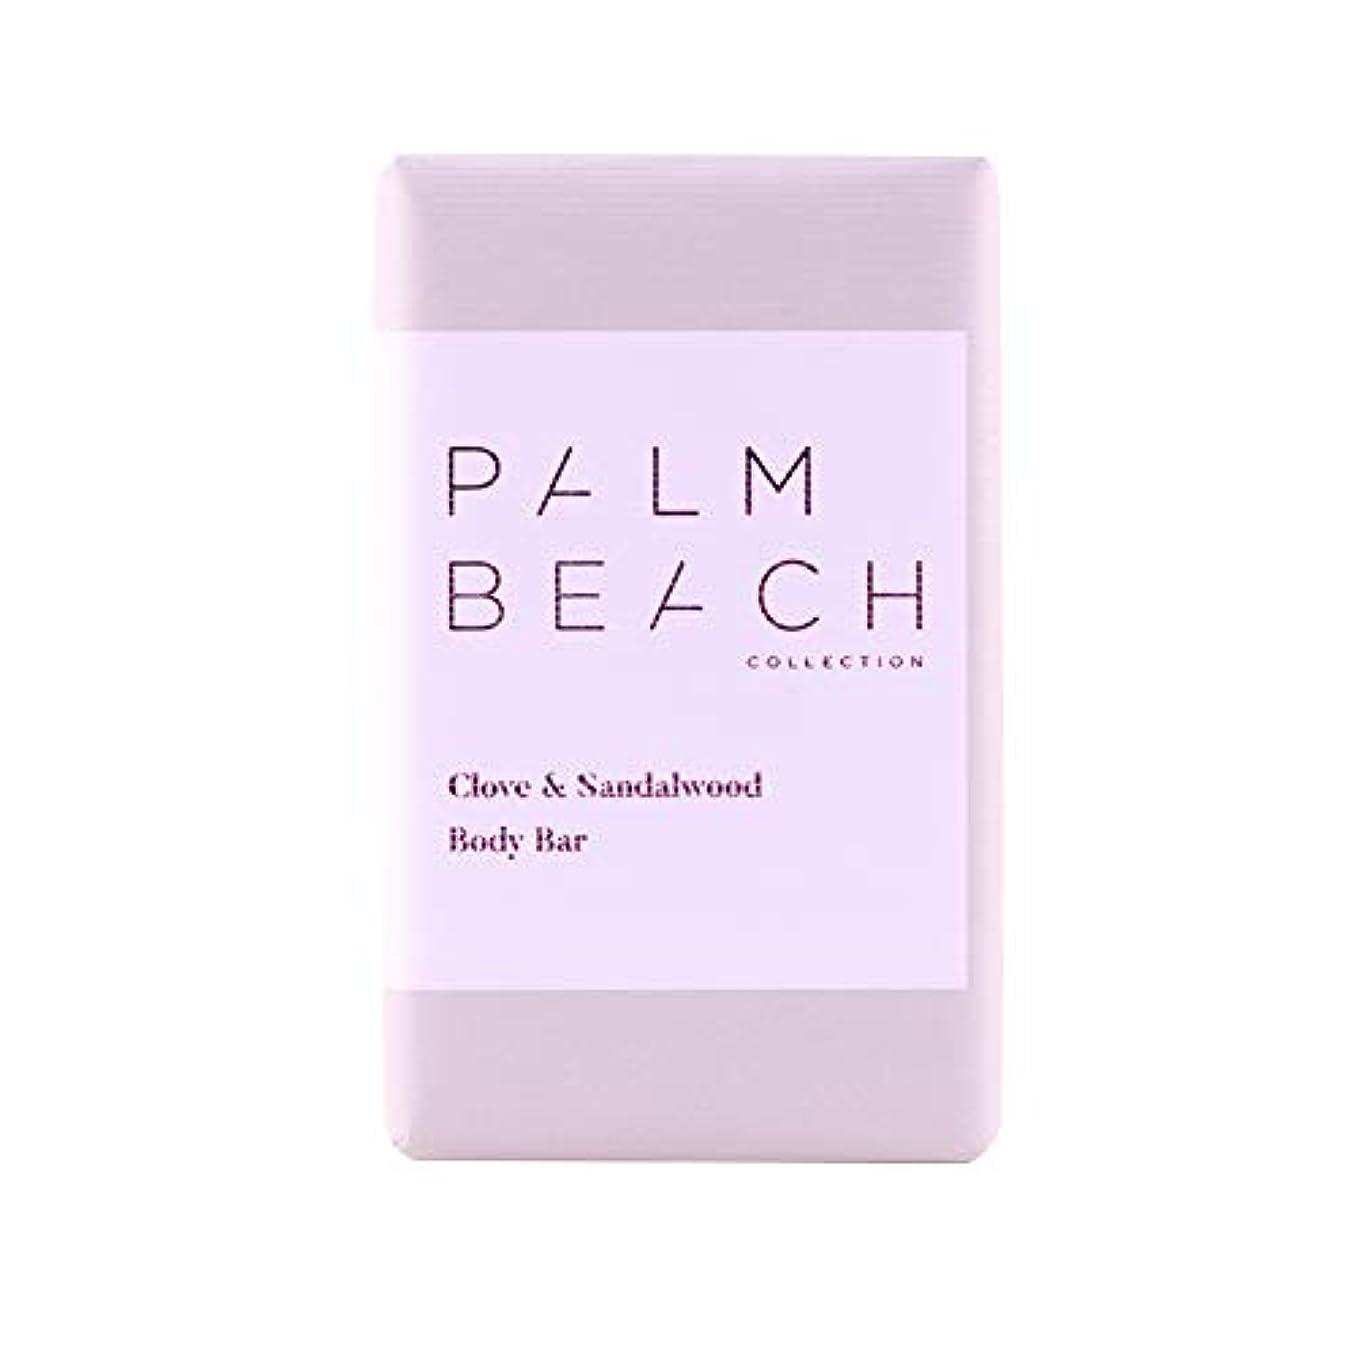 平和なぜなら長方形パームビーチコレクション ボディ バー クローブ&サンダルウッド 200g